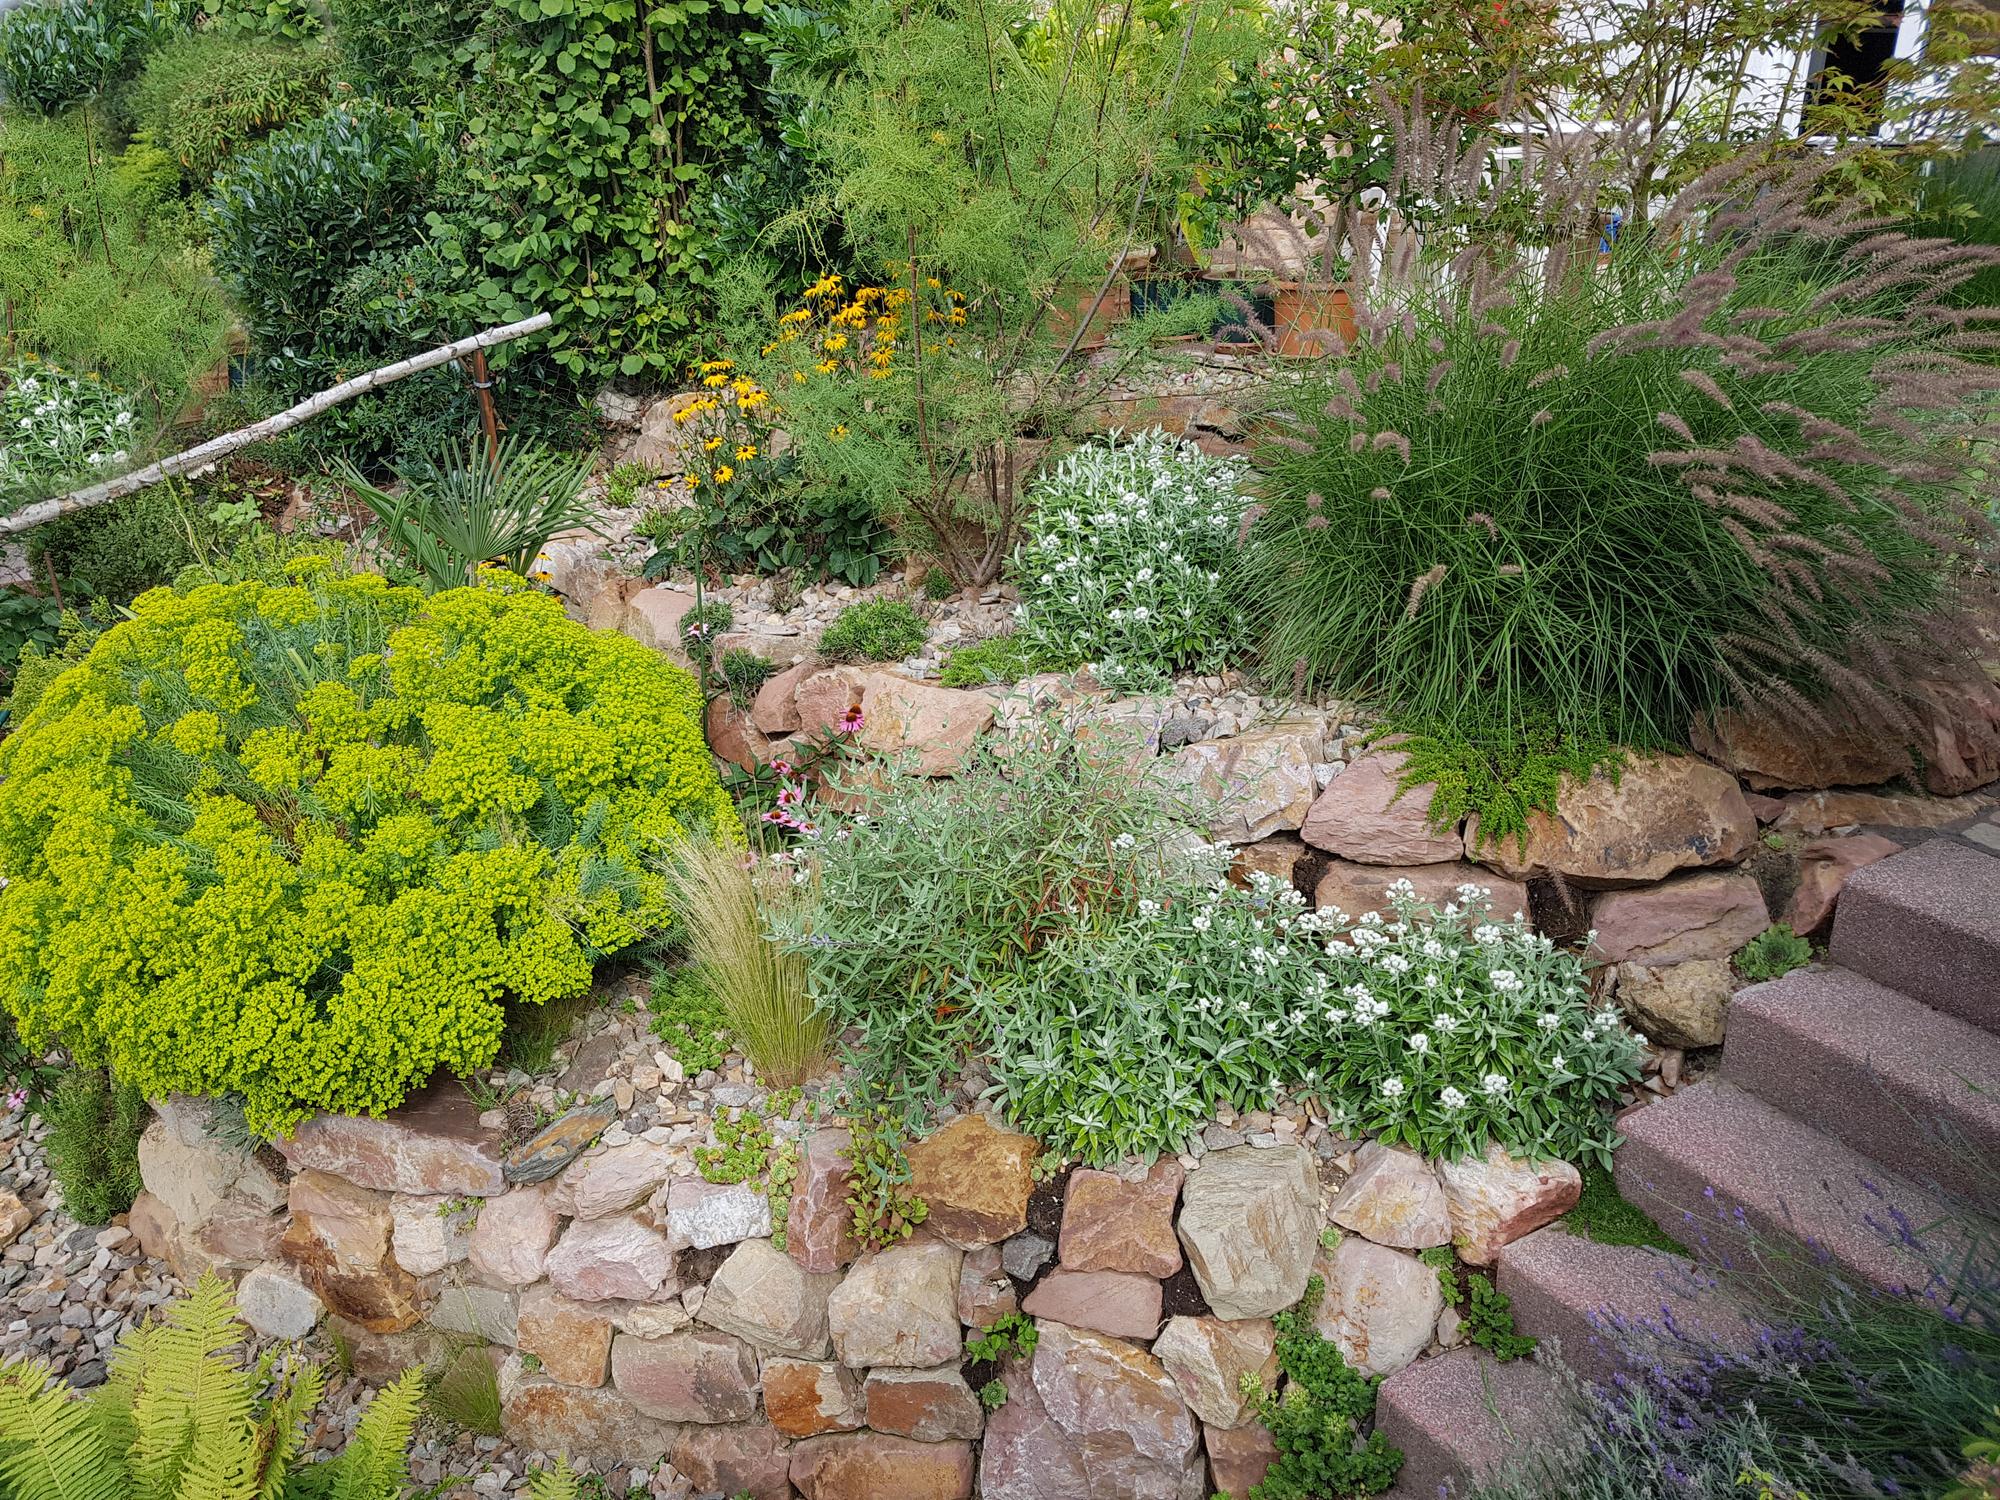 Steine im Vorgarten